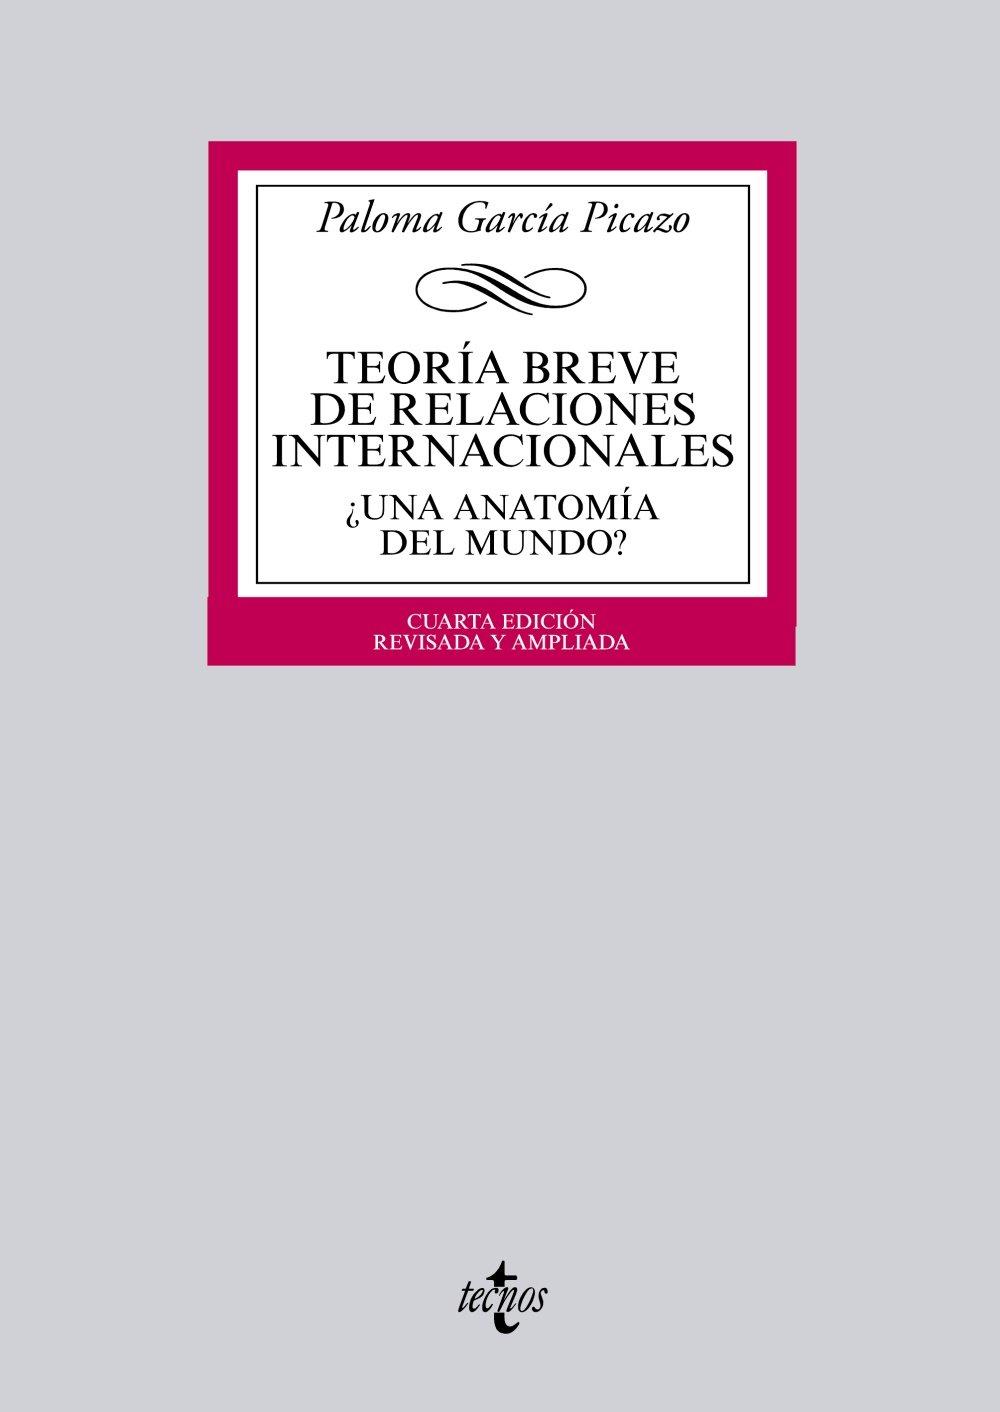 Teoría breve de Relaciones Internacionales: ¿Una anatomía del mundo ...